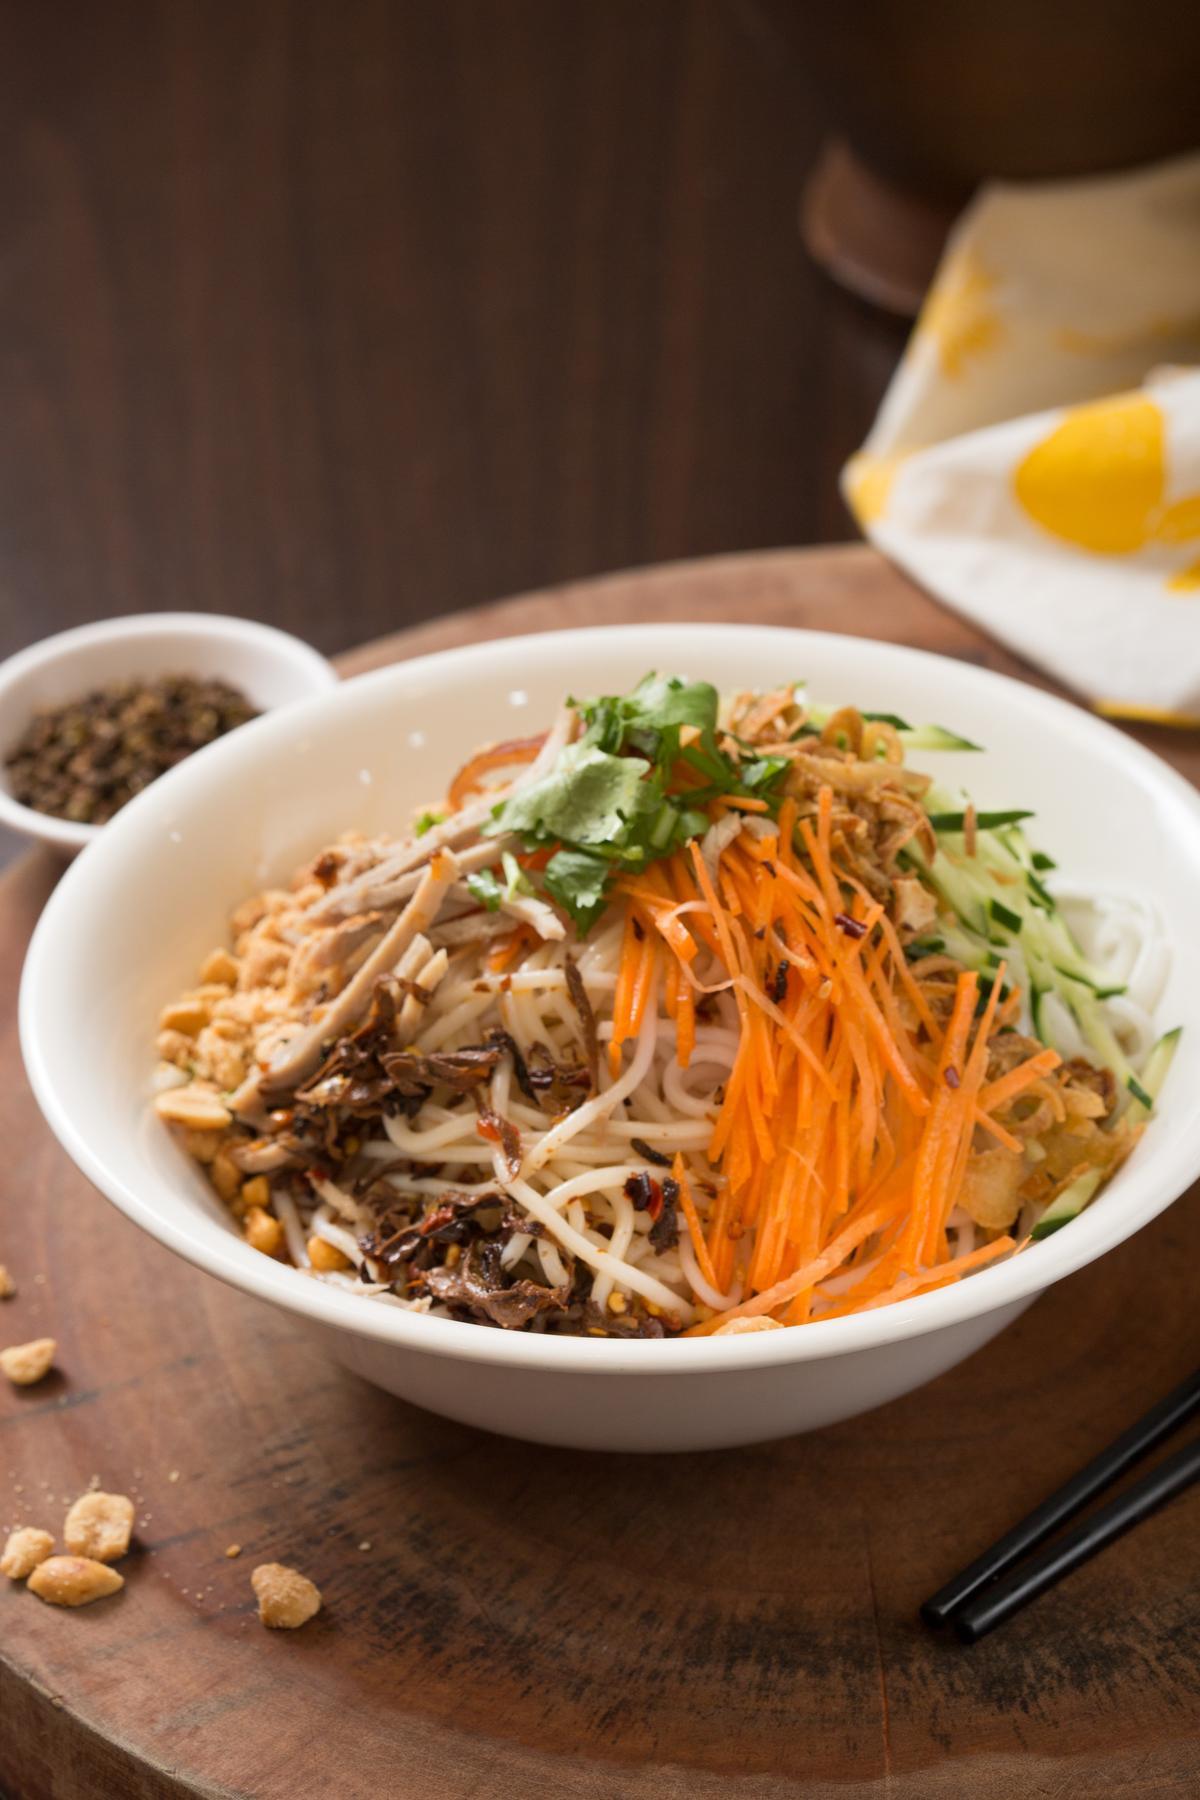 「雲南涼拌米線」的醬汁、配料與涼麵大同小異,但多加了酸筍絲和花生碎增味,米線口感比涼麵更Q。(80元/份)